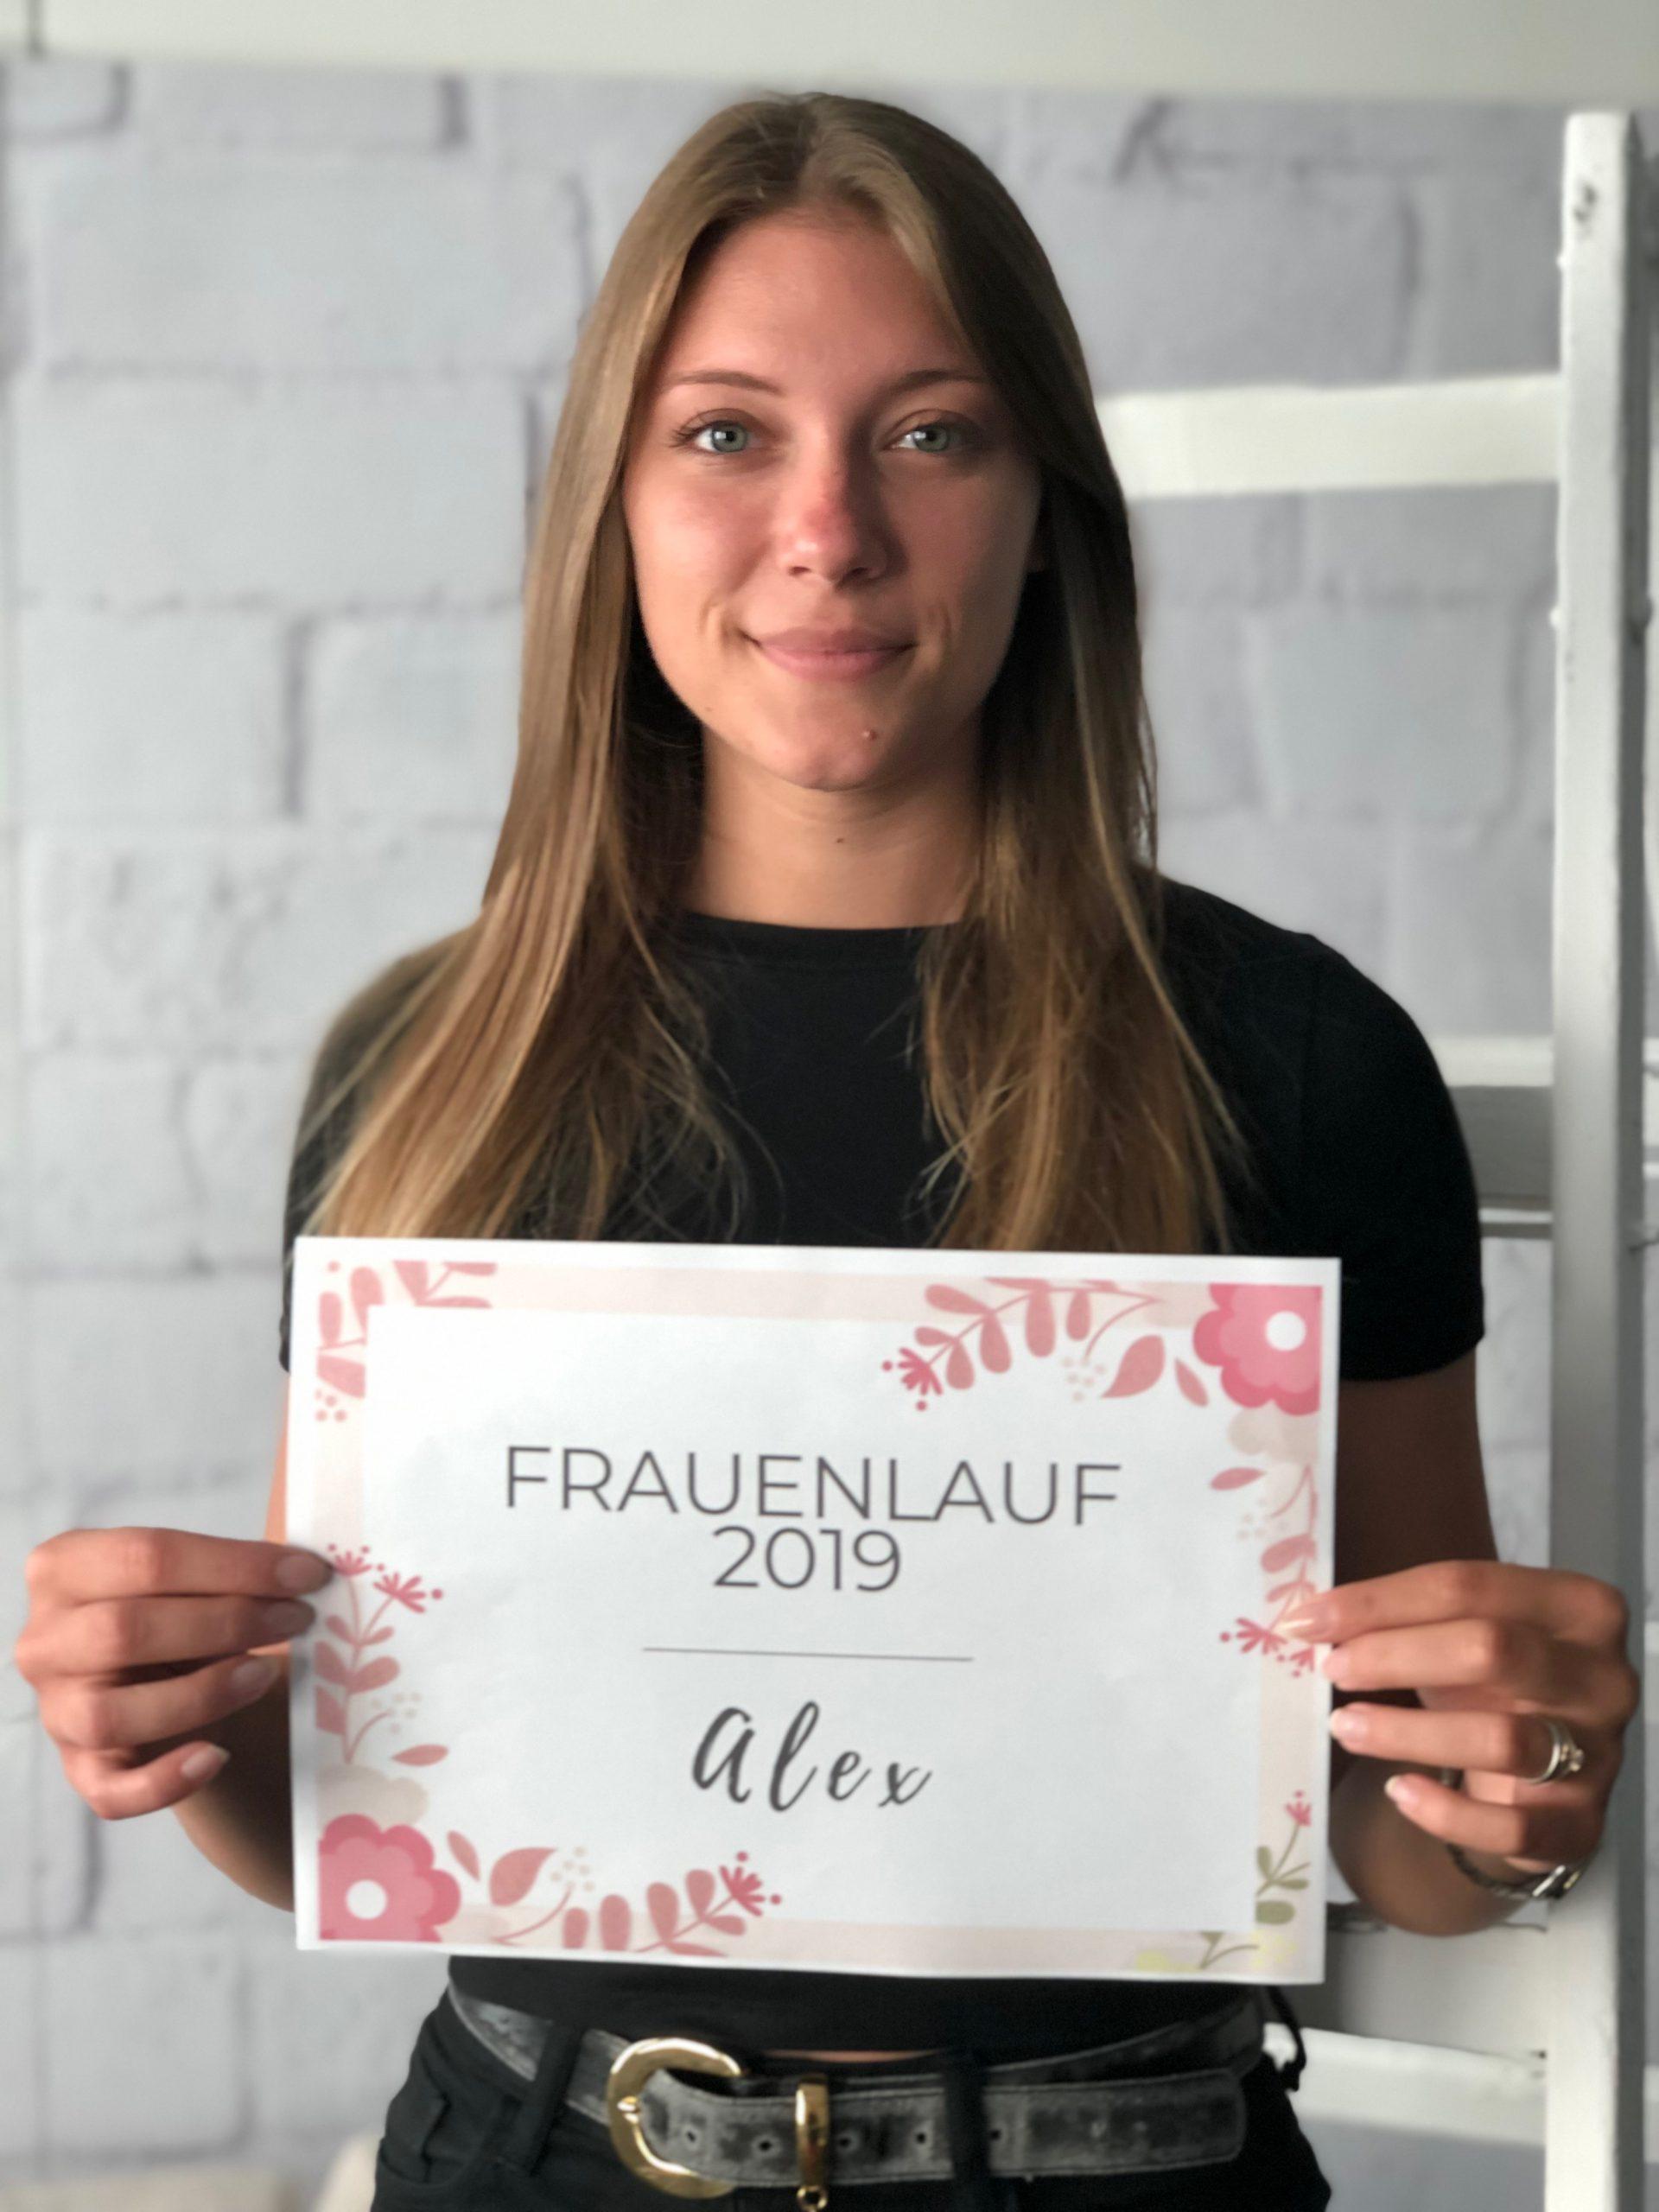 Alex' Frauenlauftagebuch 2019